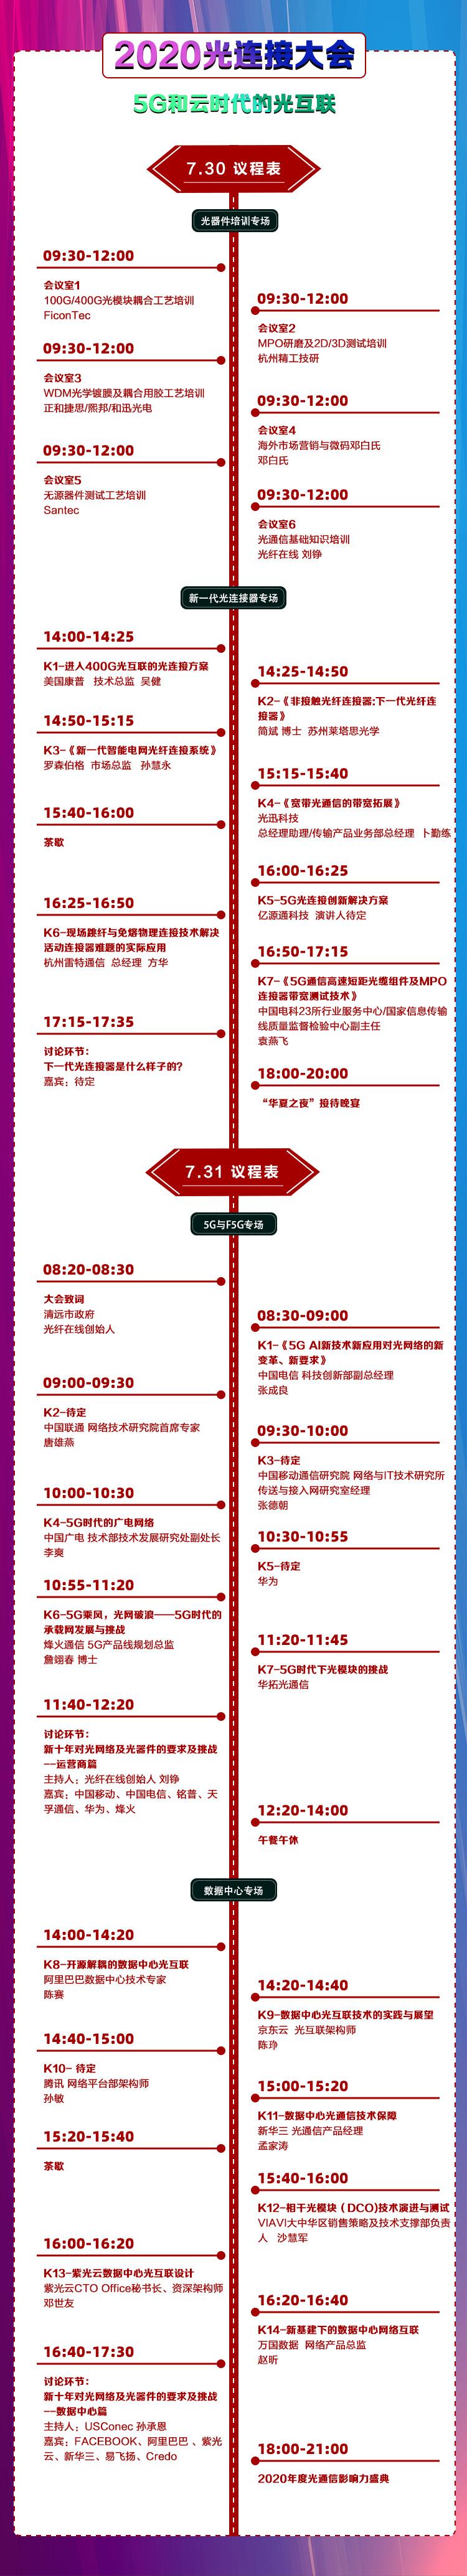 7月30~31.清远   2020光连接大会议程公布 报名火热进行中